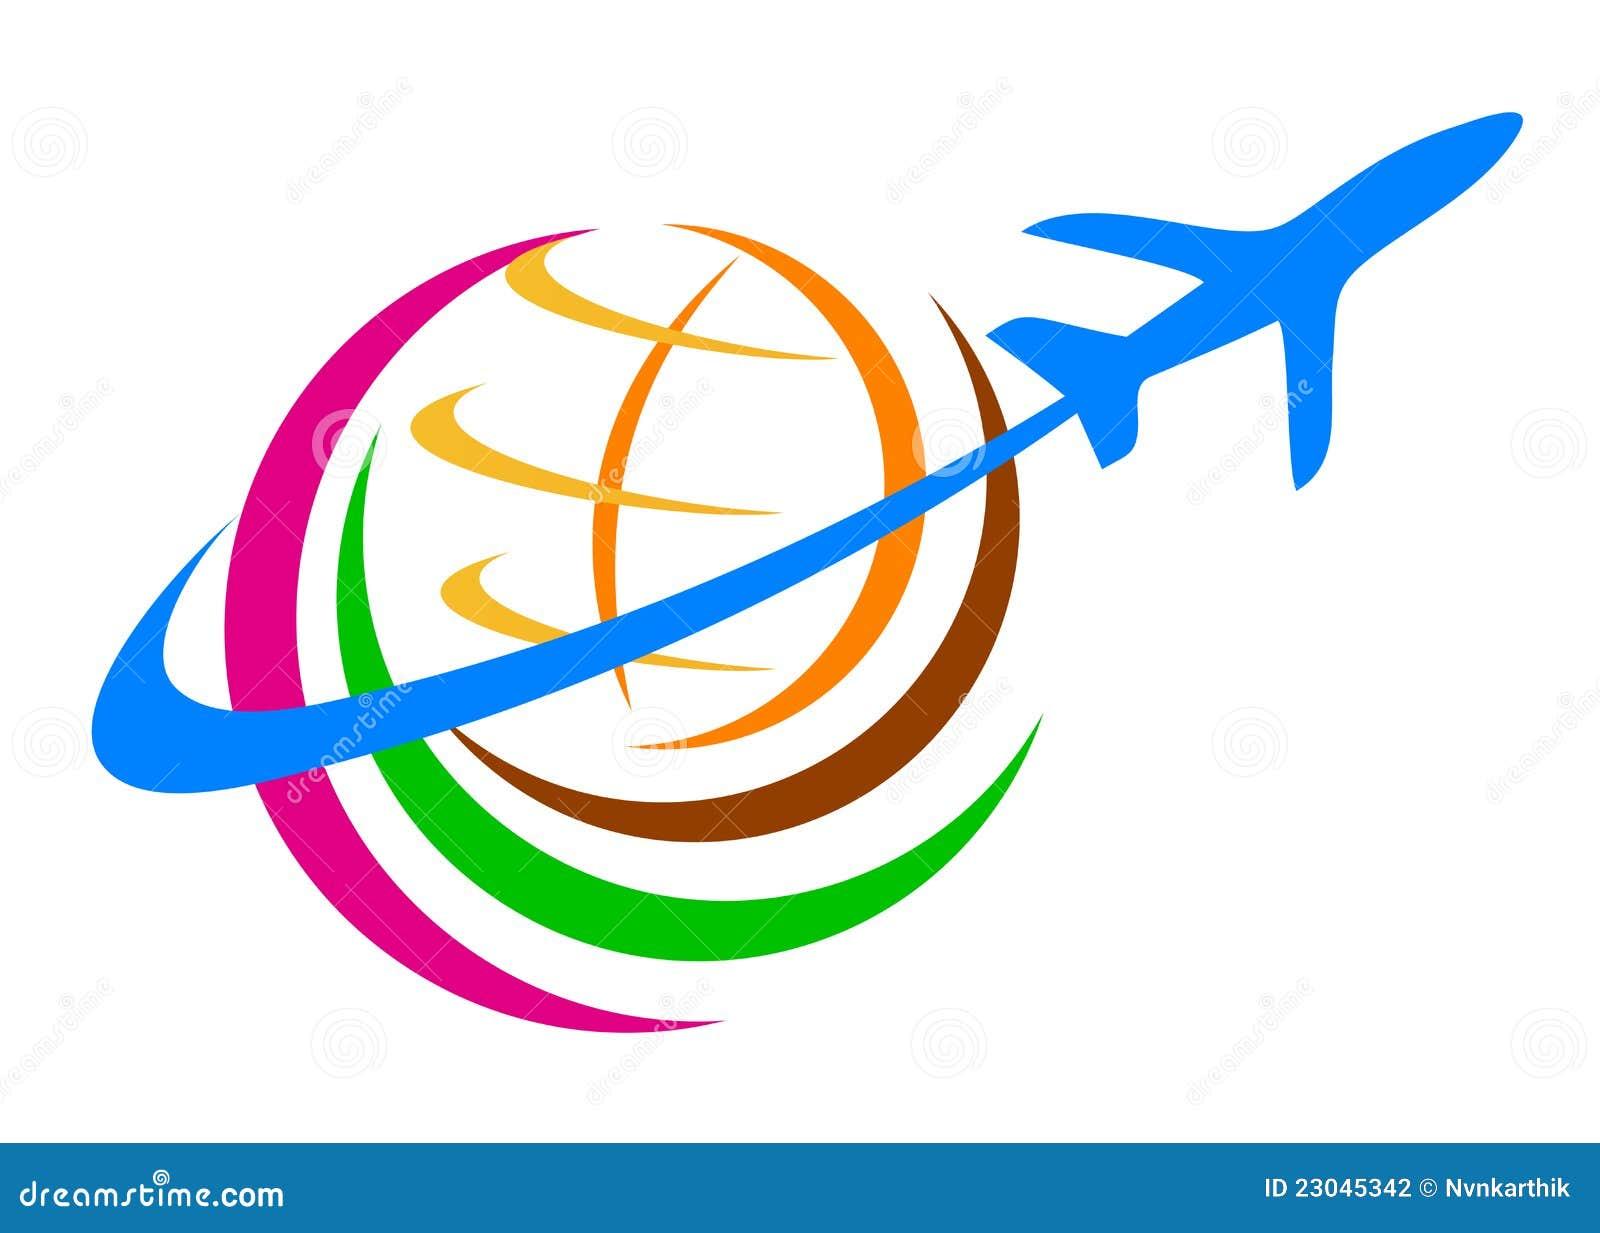 Stock Photography Travel Logo Image